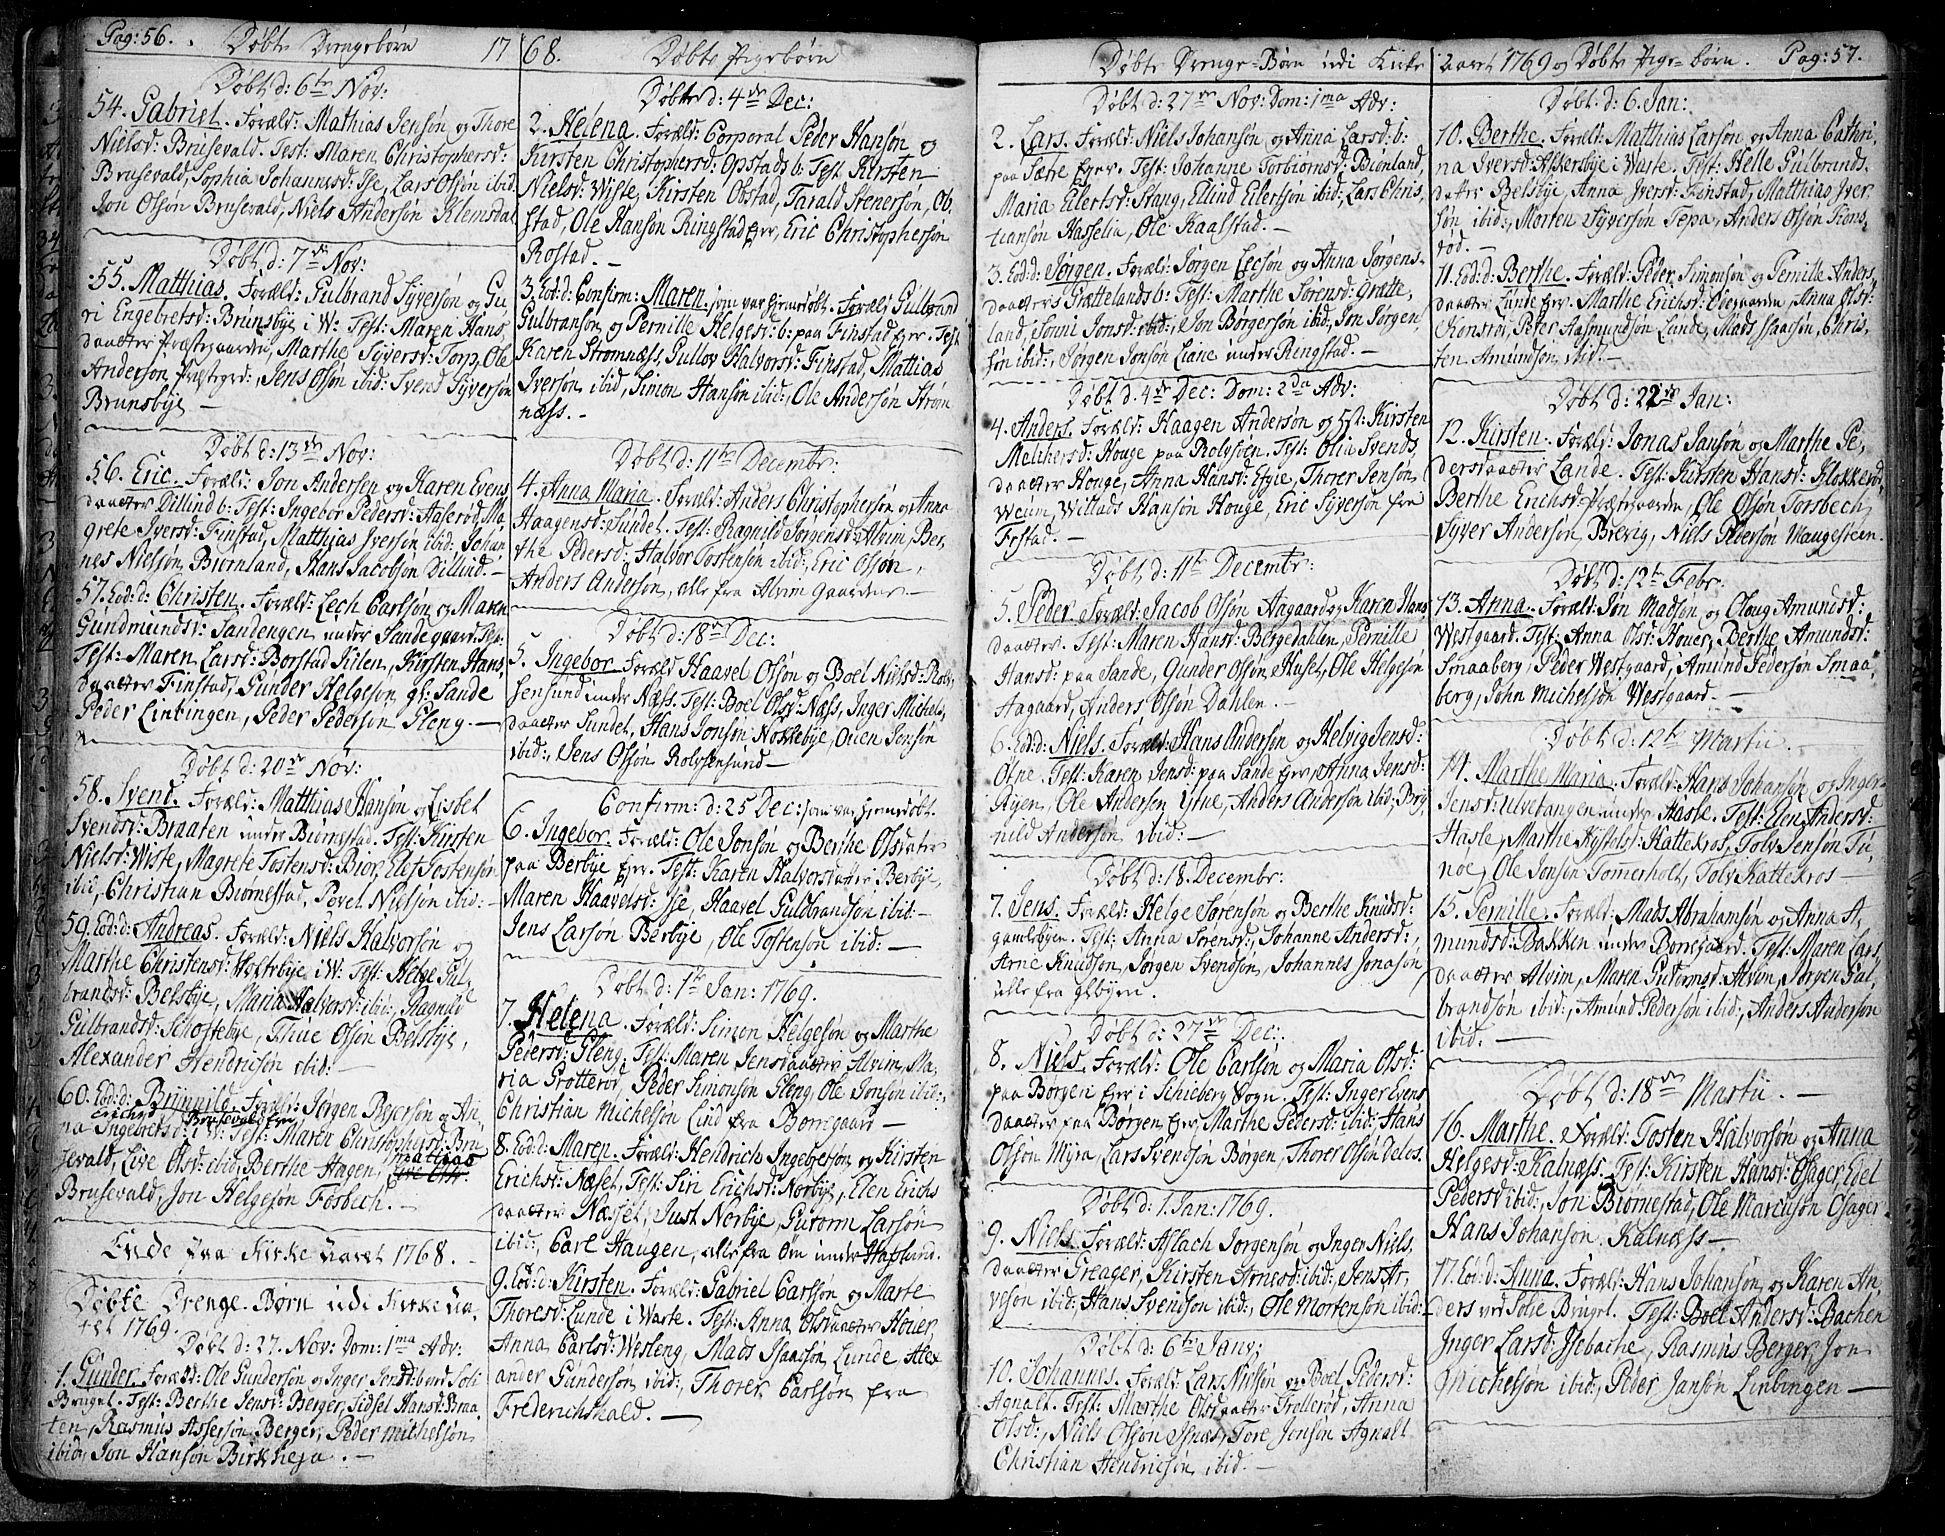 SAO, Tune prestekontor Kirkebøker, F/Fa/L0002: Ministerialbok nr. 2, 1758-1781, s. 56-57